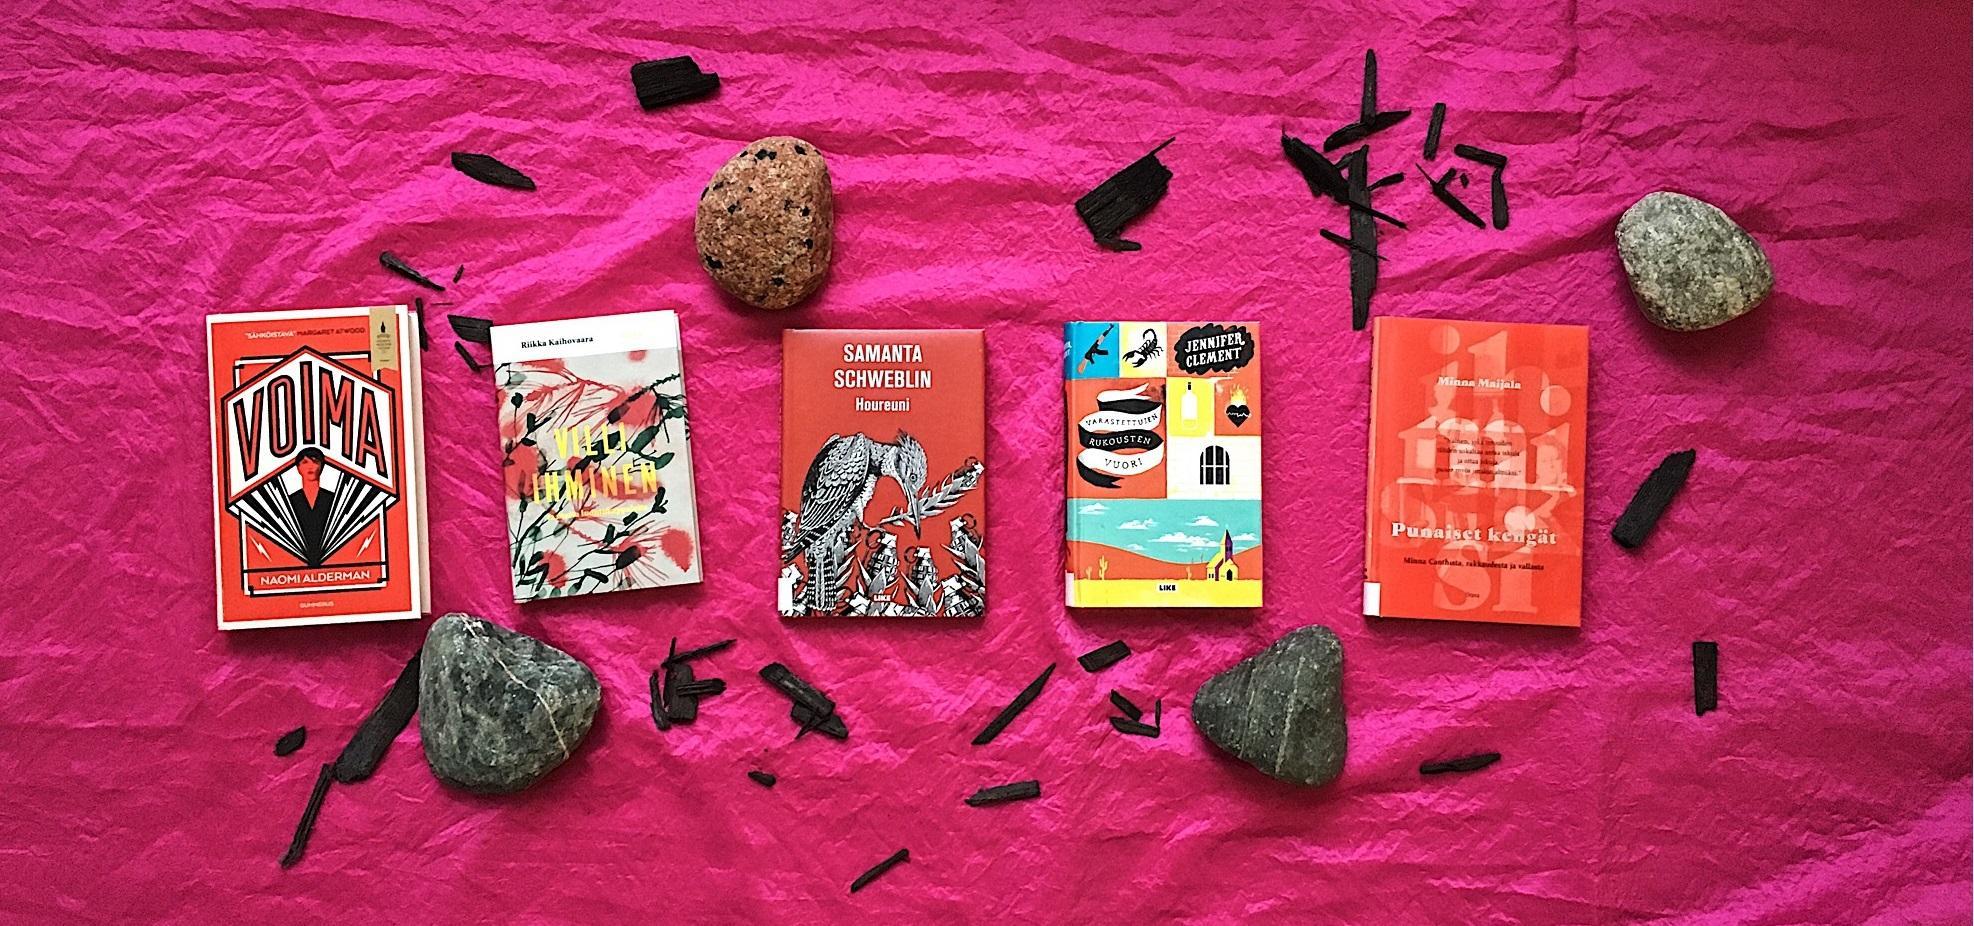 Kirjat: Voima, Villi ihminen, Houreuni, Varastettujen rukousten vuori ja Punaiset kengät punaisella kankaalla